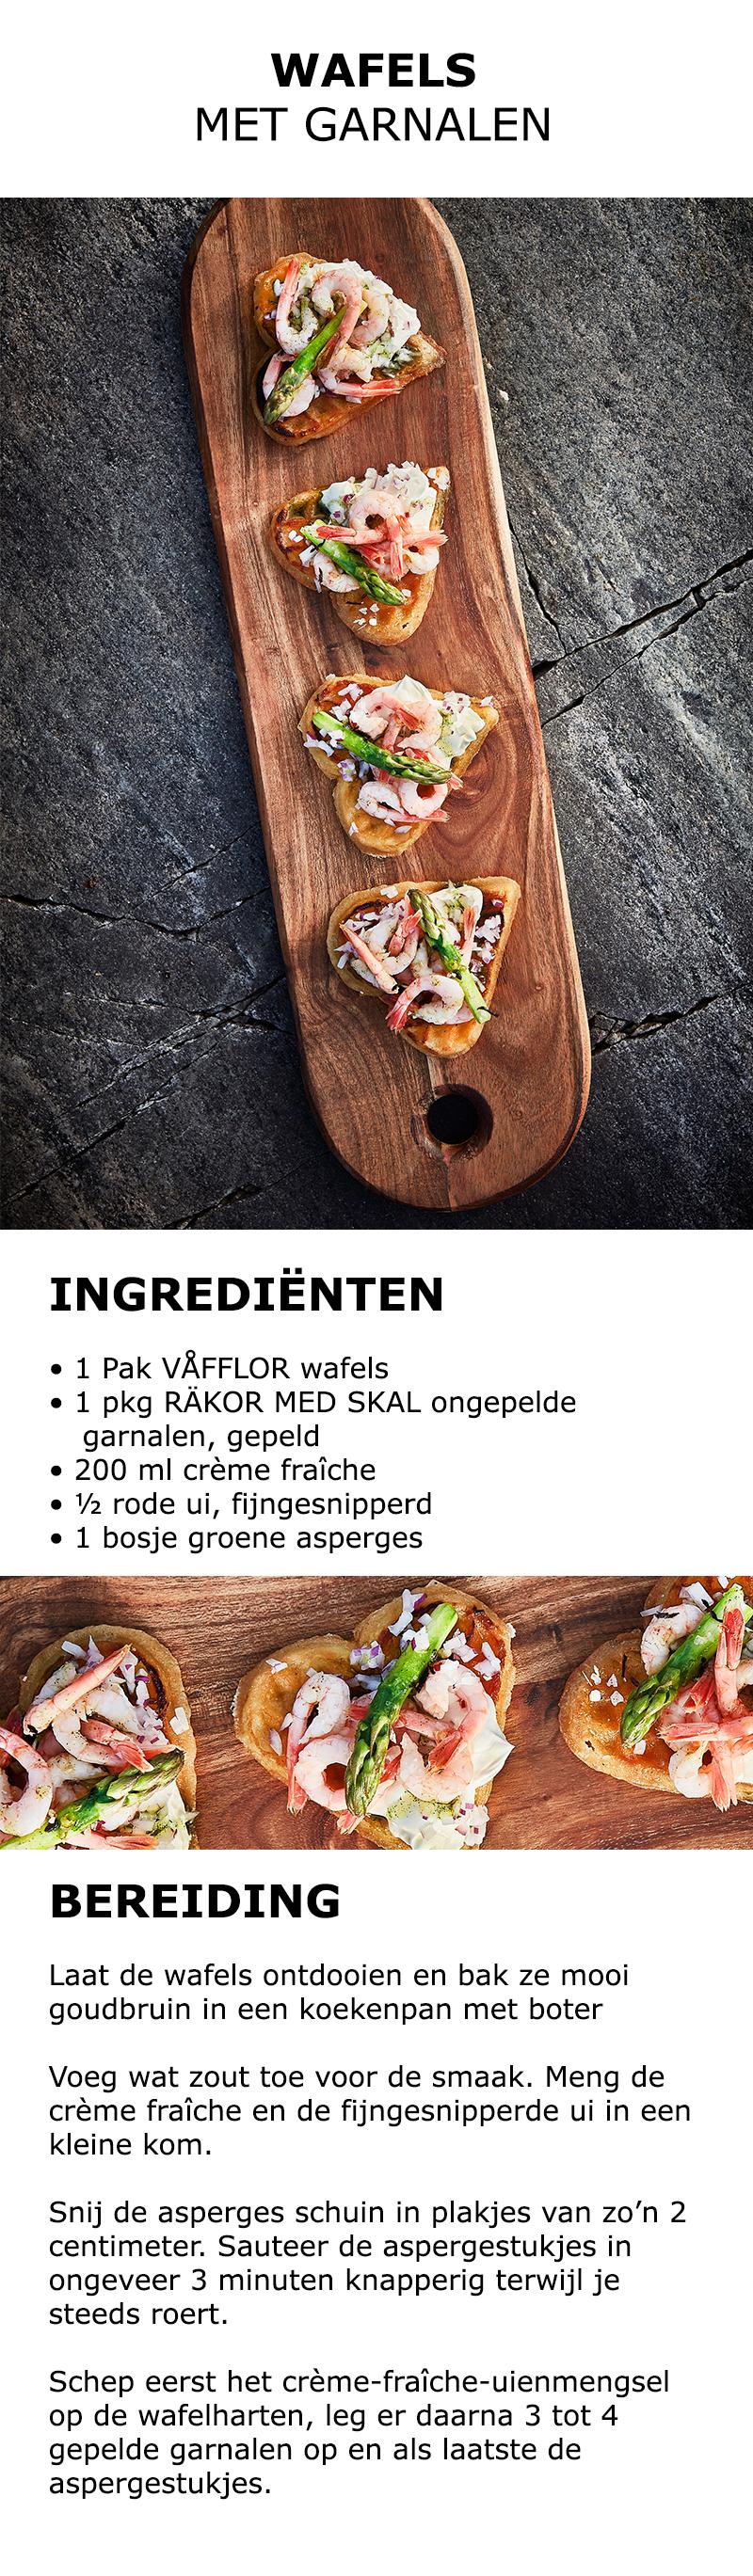 Inspiratie voor in de keuken - Wafels met garnalen | #IKEA #IKEAnl #koken…